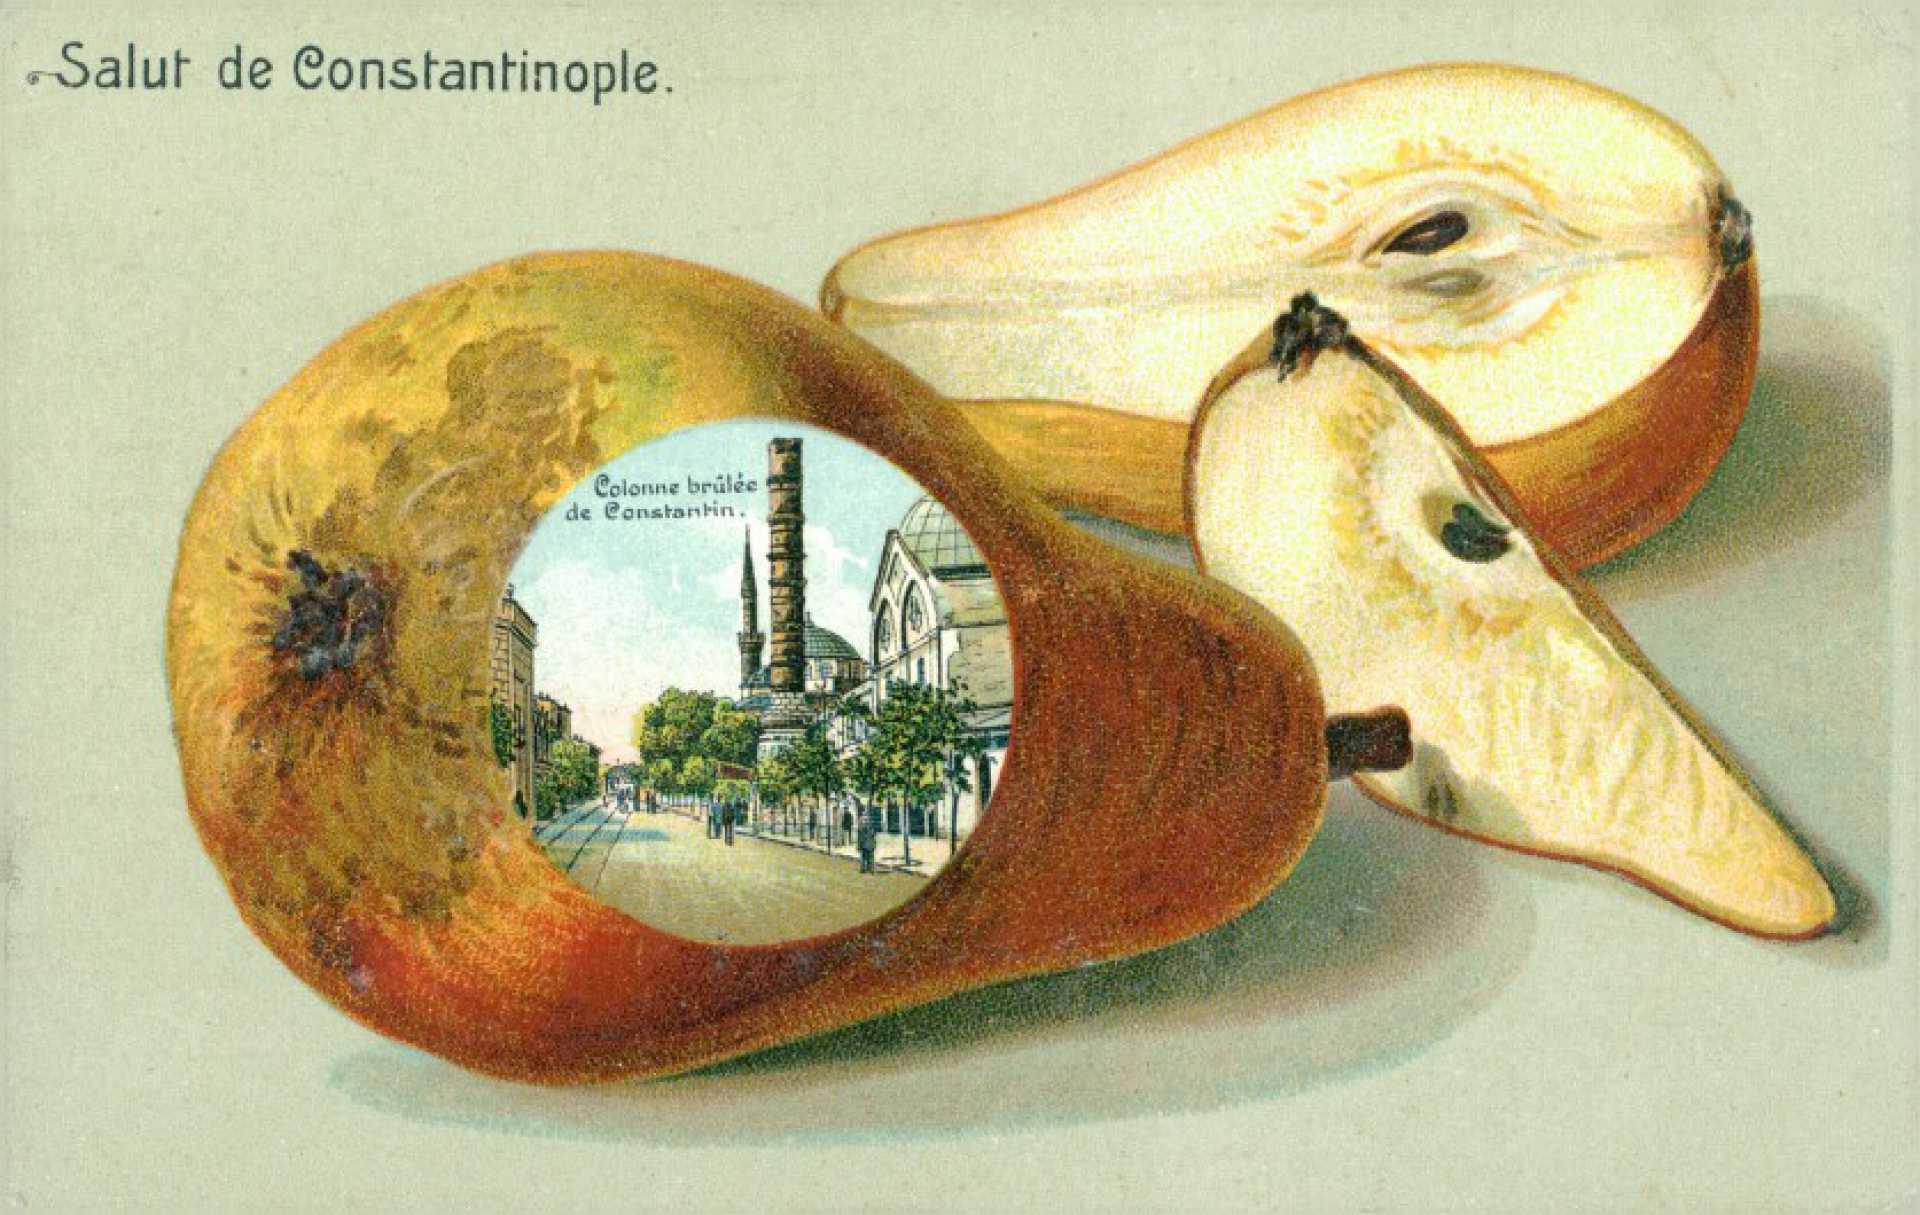 Colonne brûlée de Constantin.